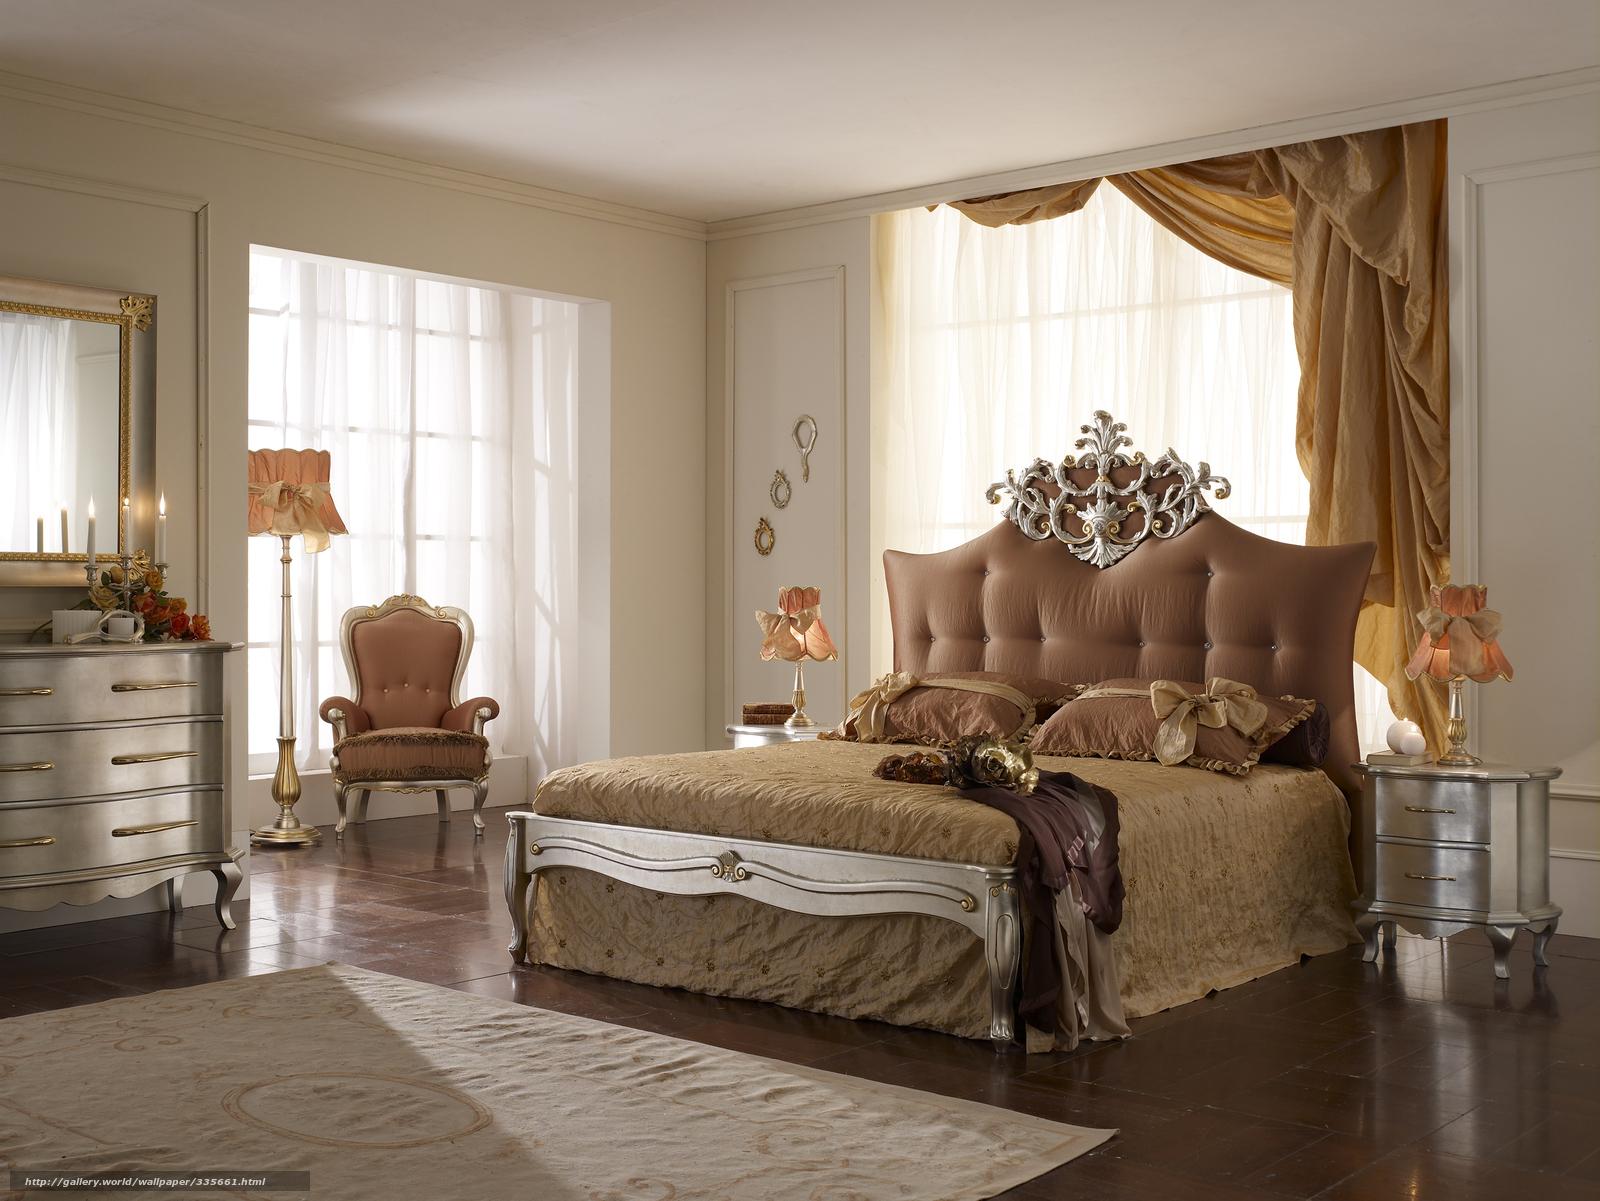 Ikea mobili per camera da letto : ikea mobili per camera da letto ...